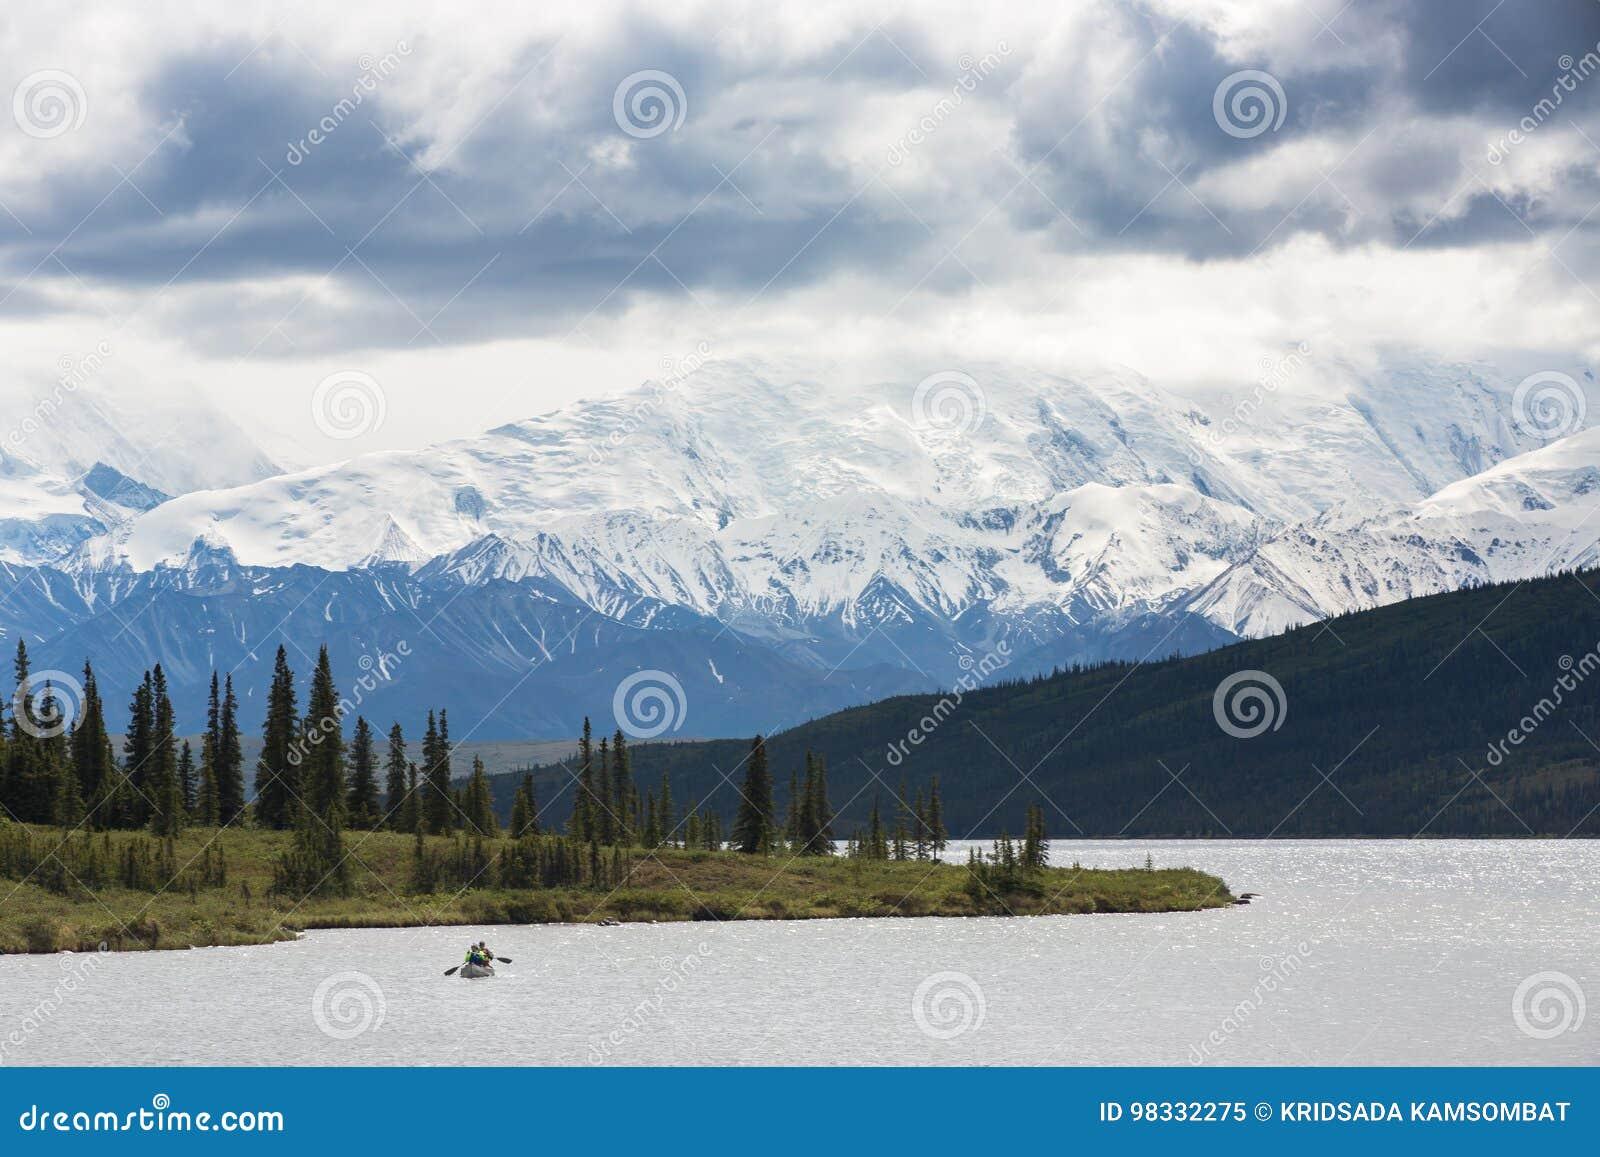 Kayak in Wonder Lake